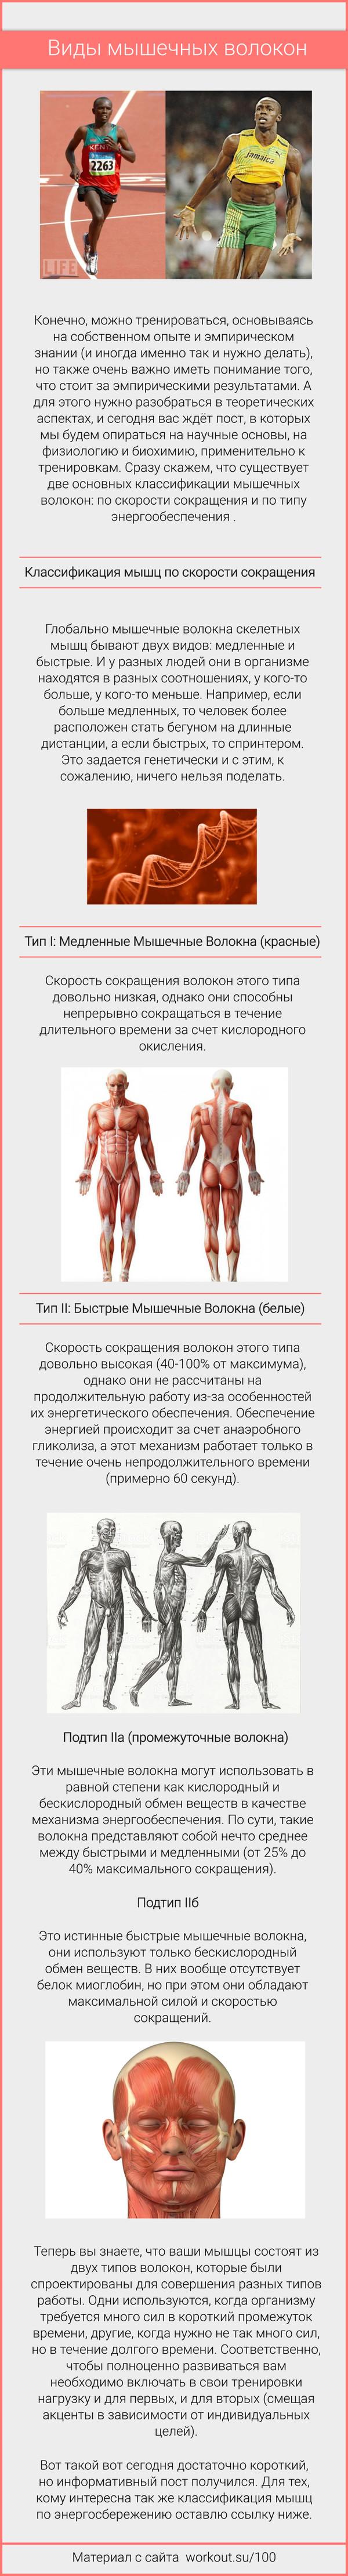 Мышцы бывают разные Спорт, Здоровье, Мышцы, Воркаут, Тренировка, Длиннопост